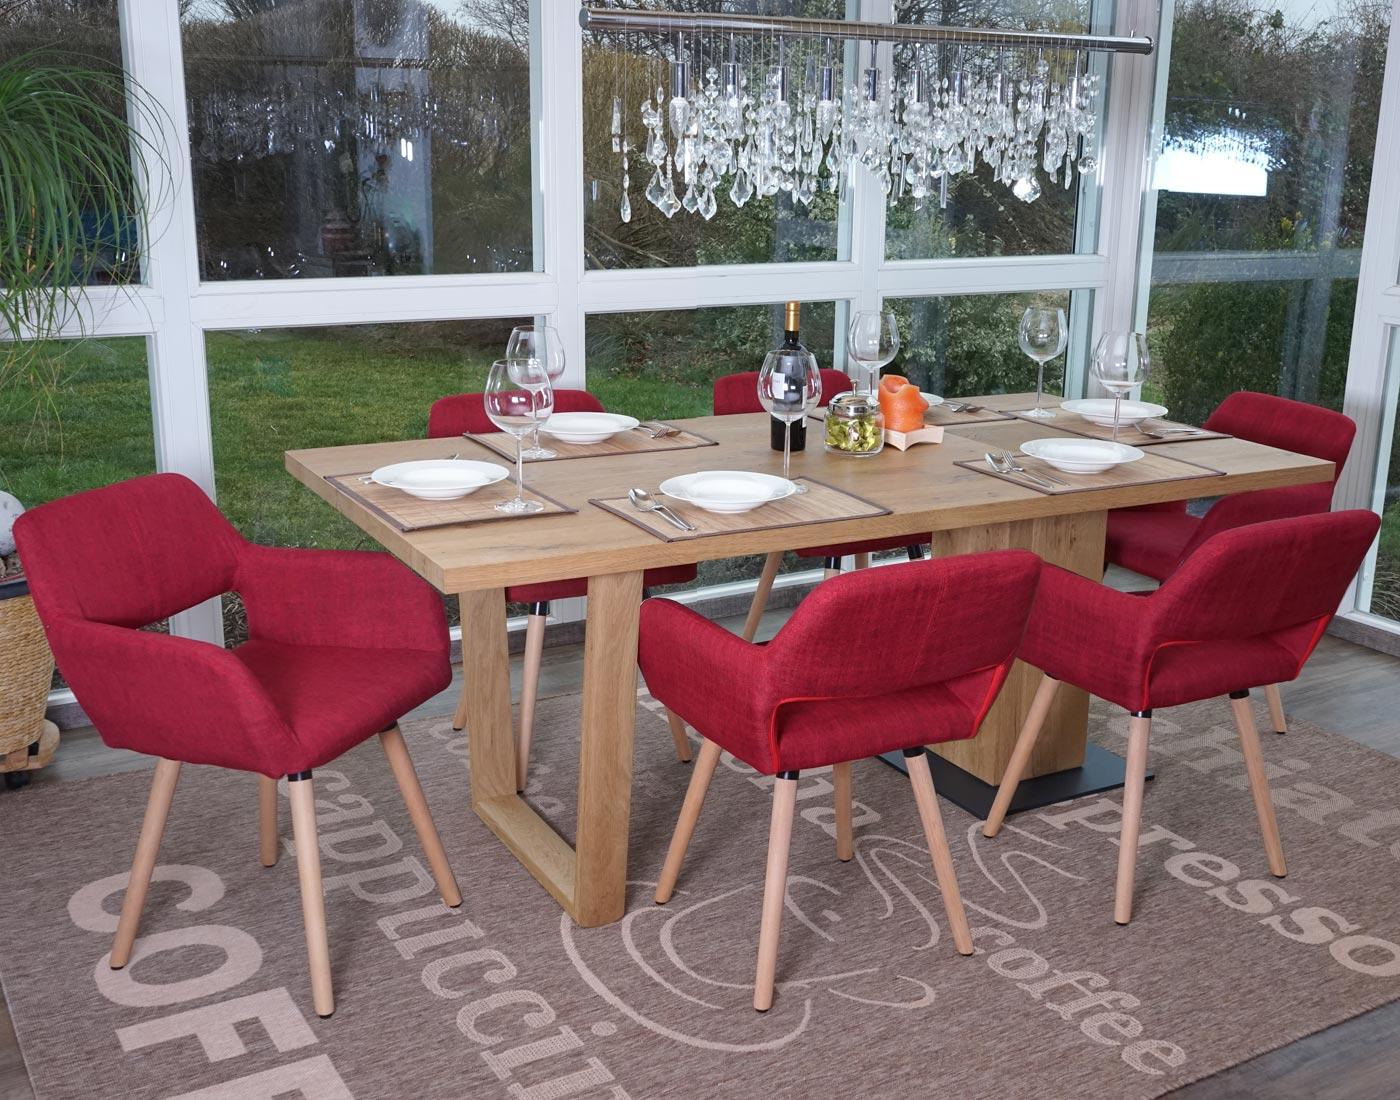 Set 6x sedie sala da pranzo hwc a50 ii design retro legno for Sedie sala pranzo legno